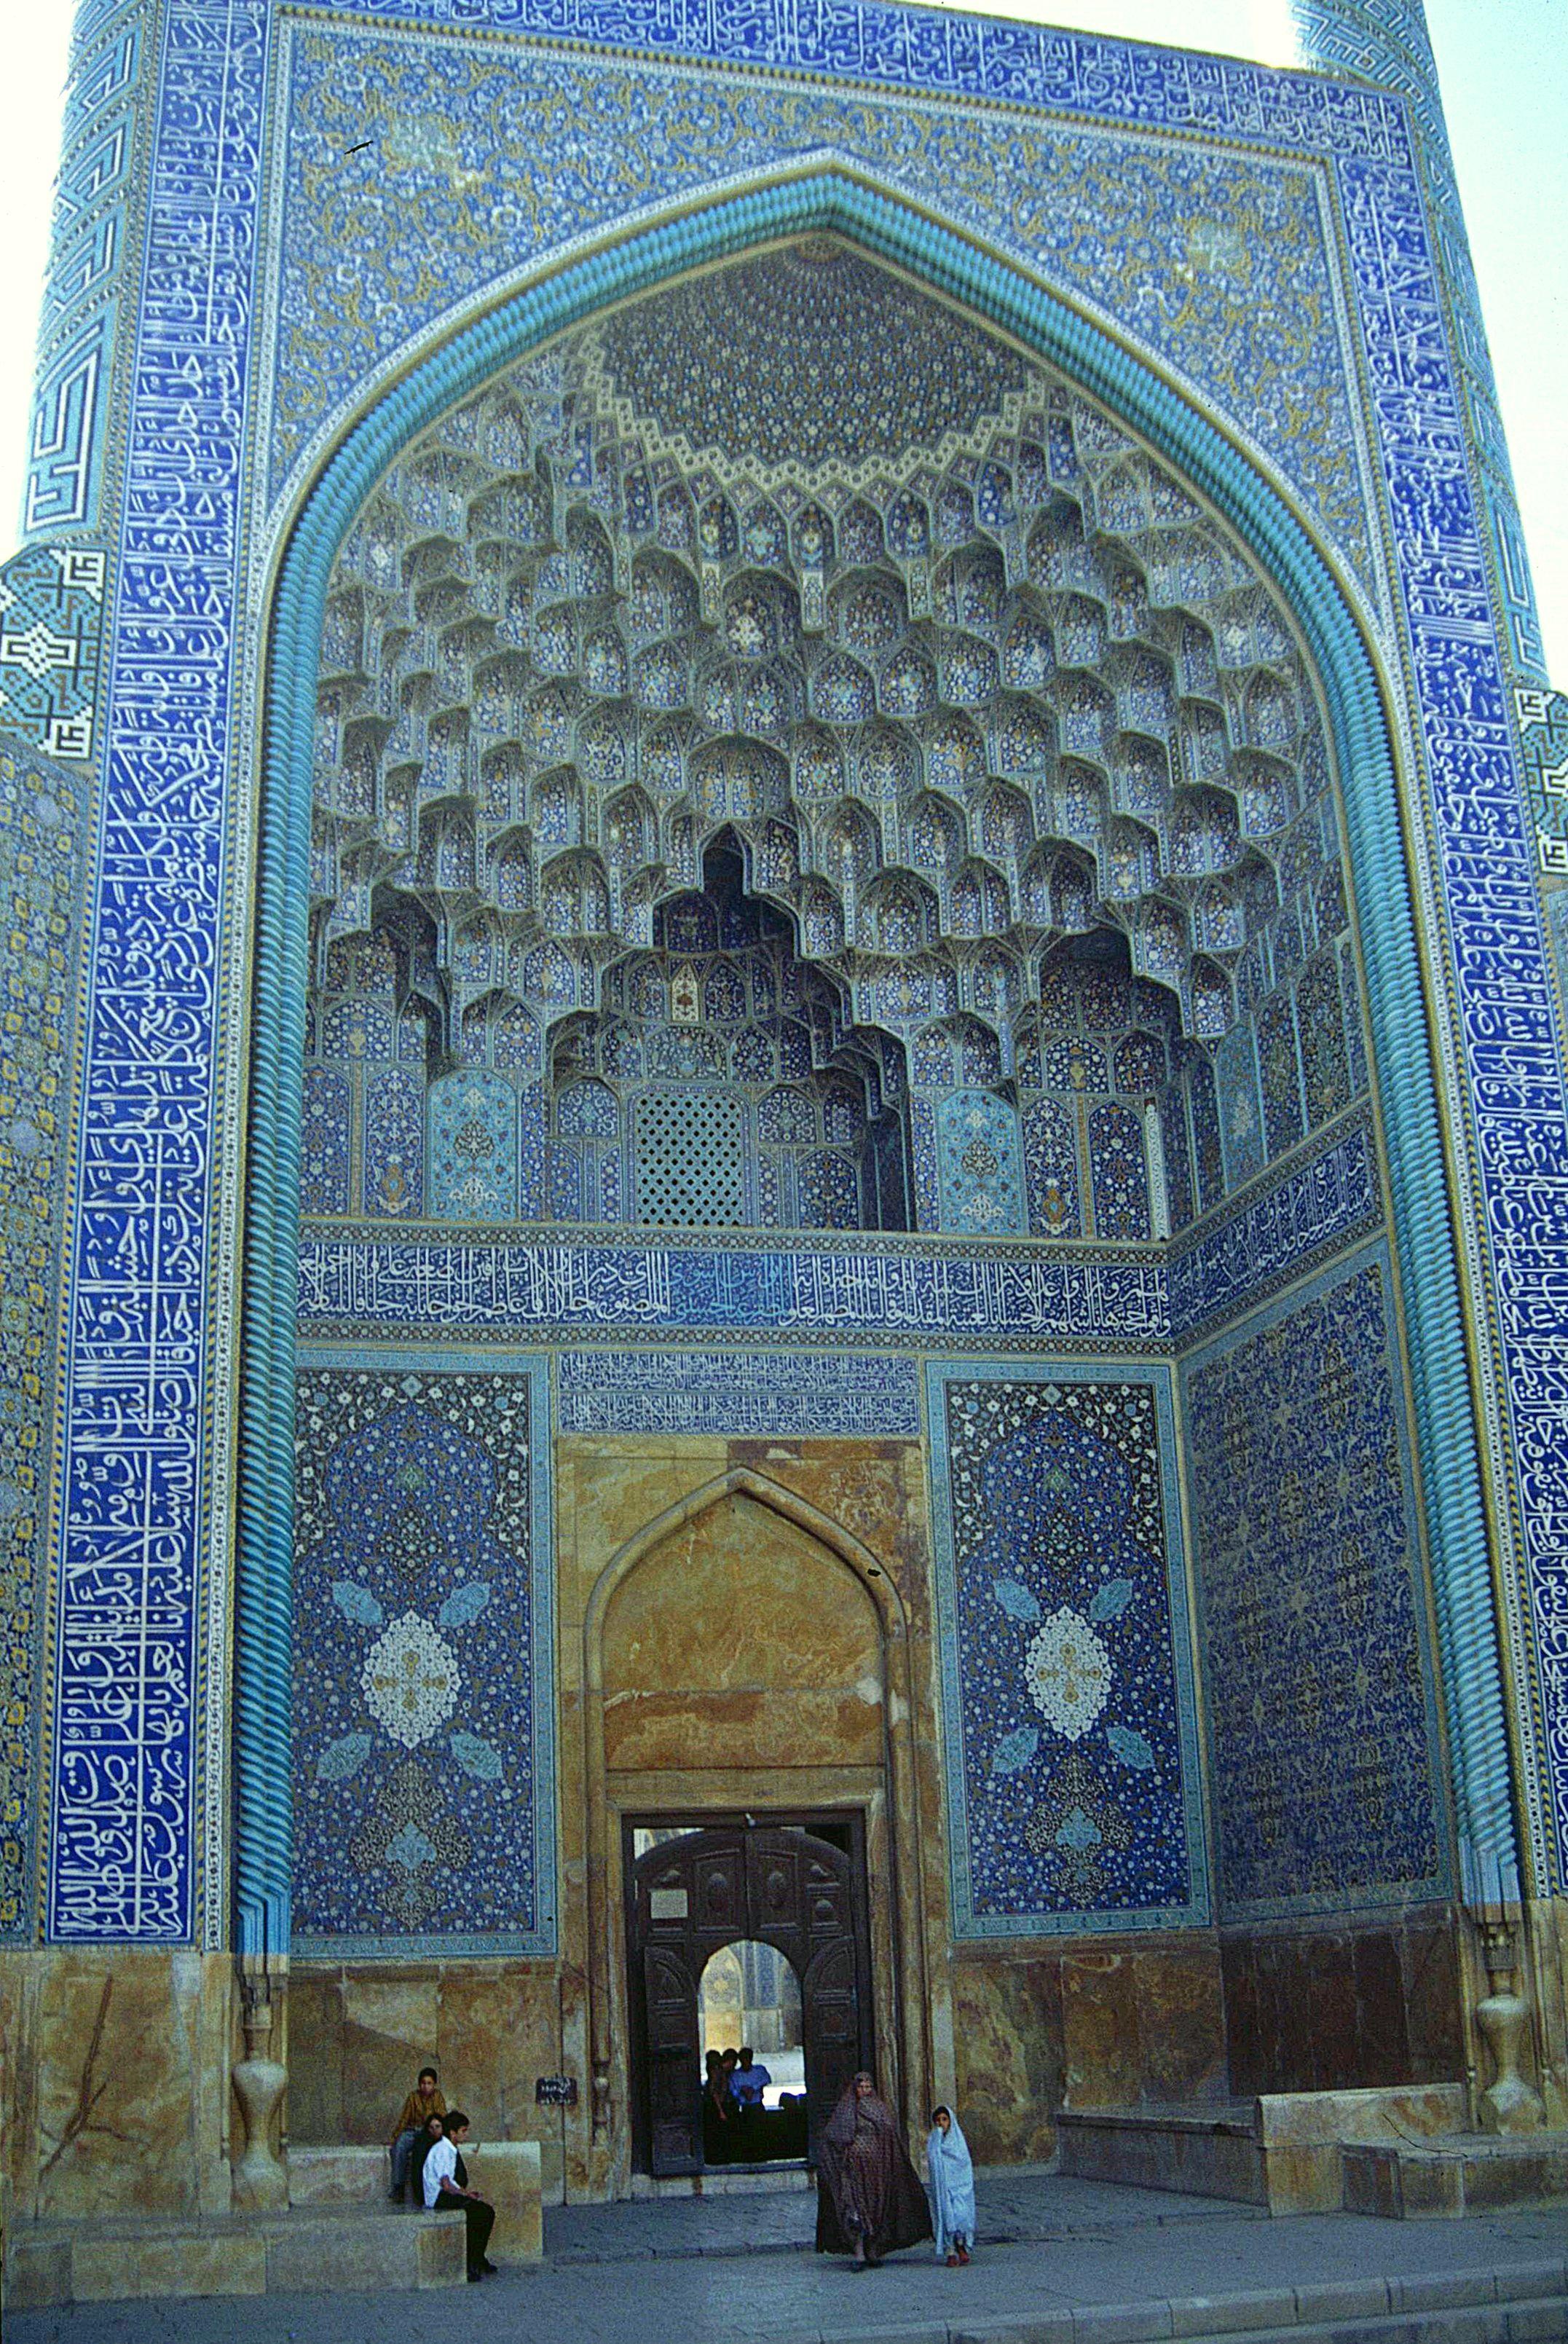 Muqarnas - Wikipedia